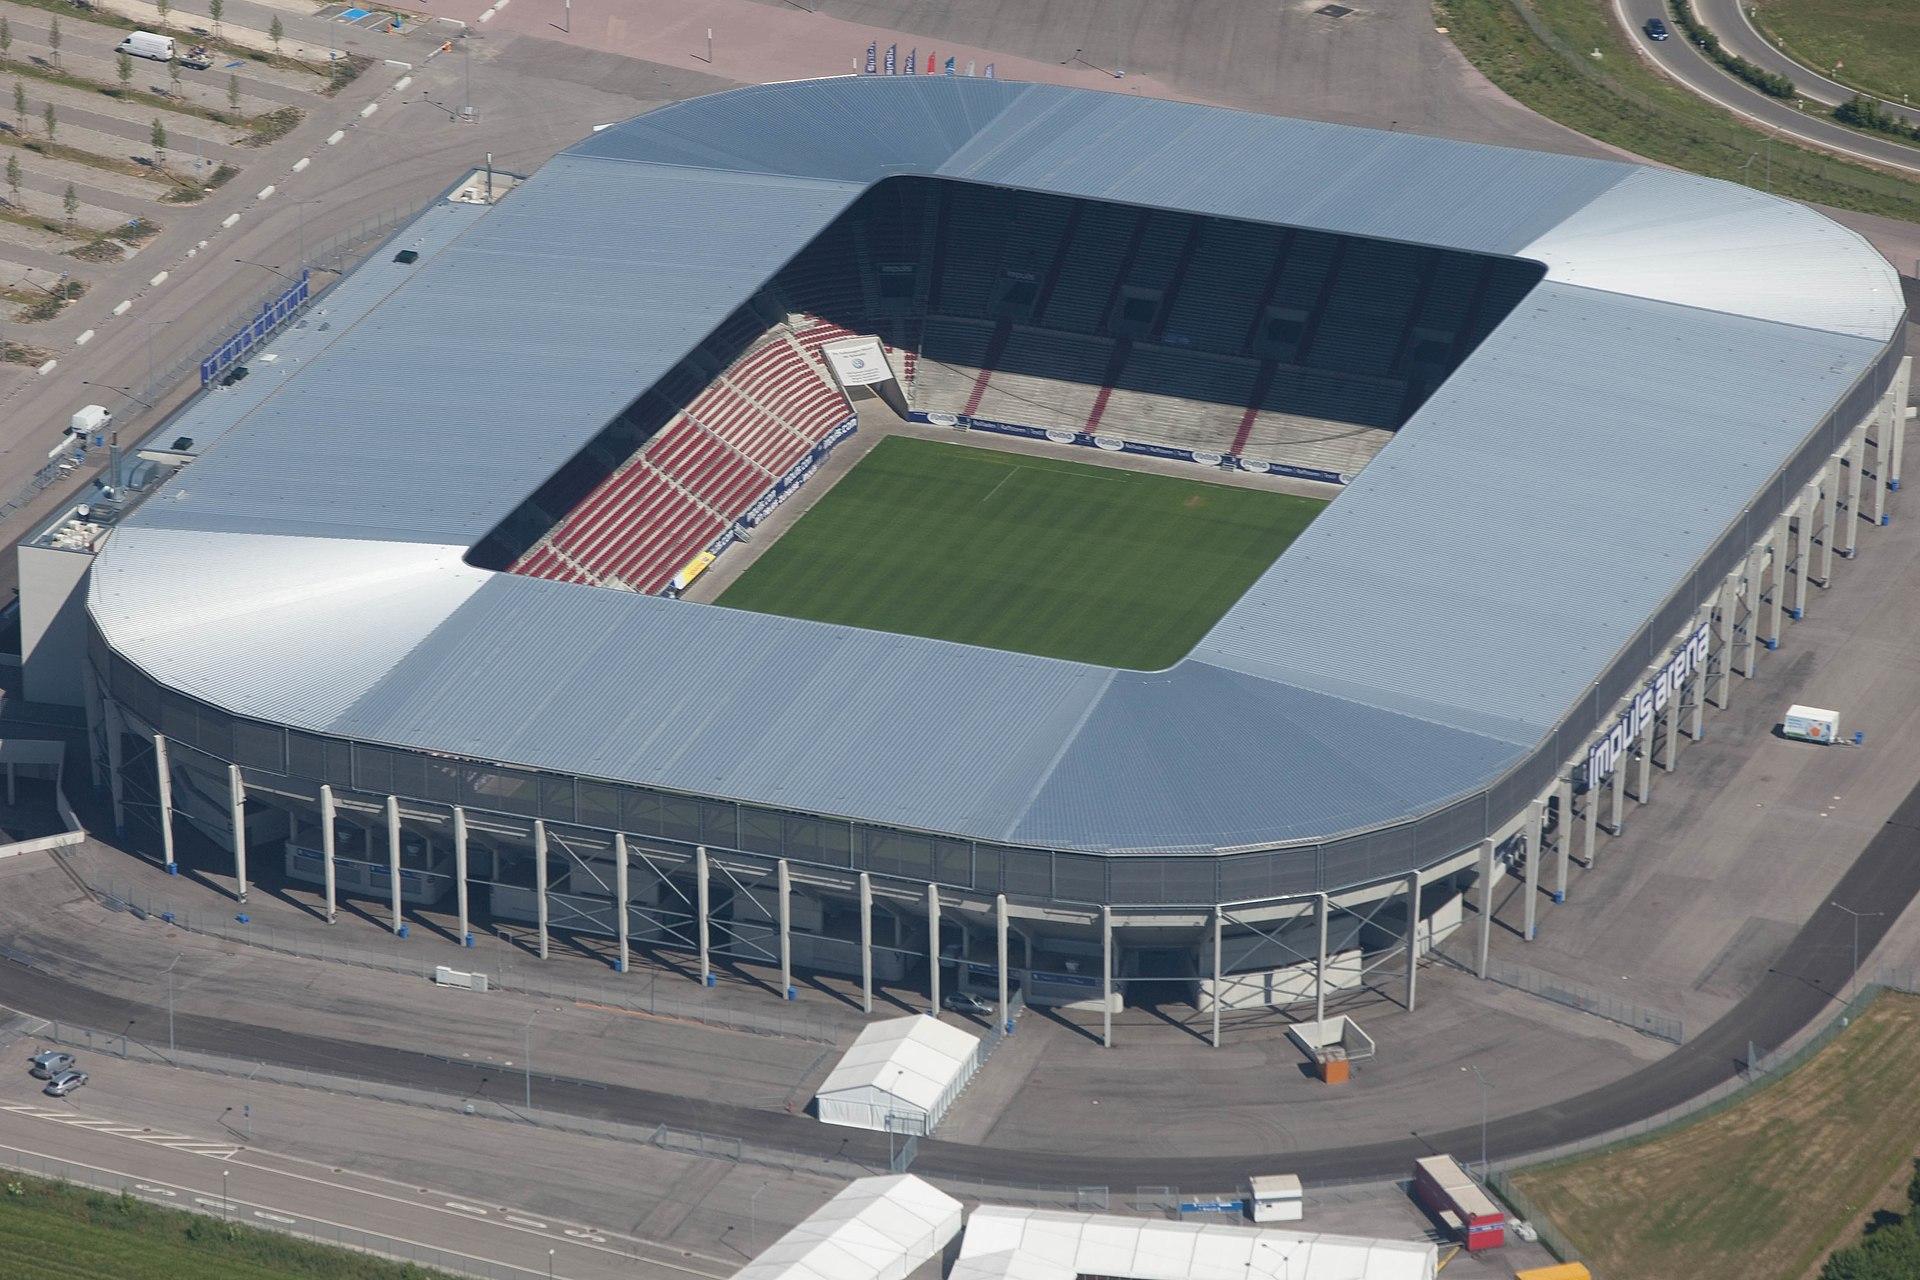 Augsburg Wwk Arena